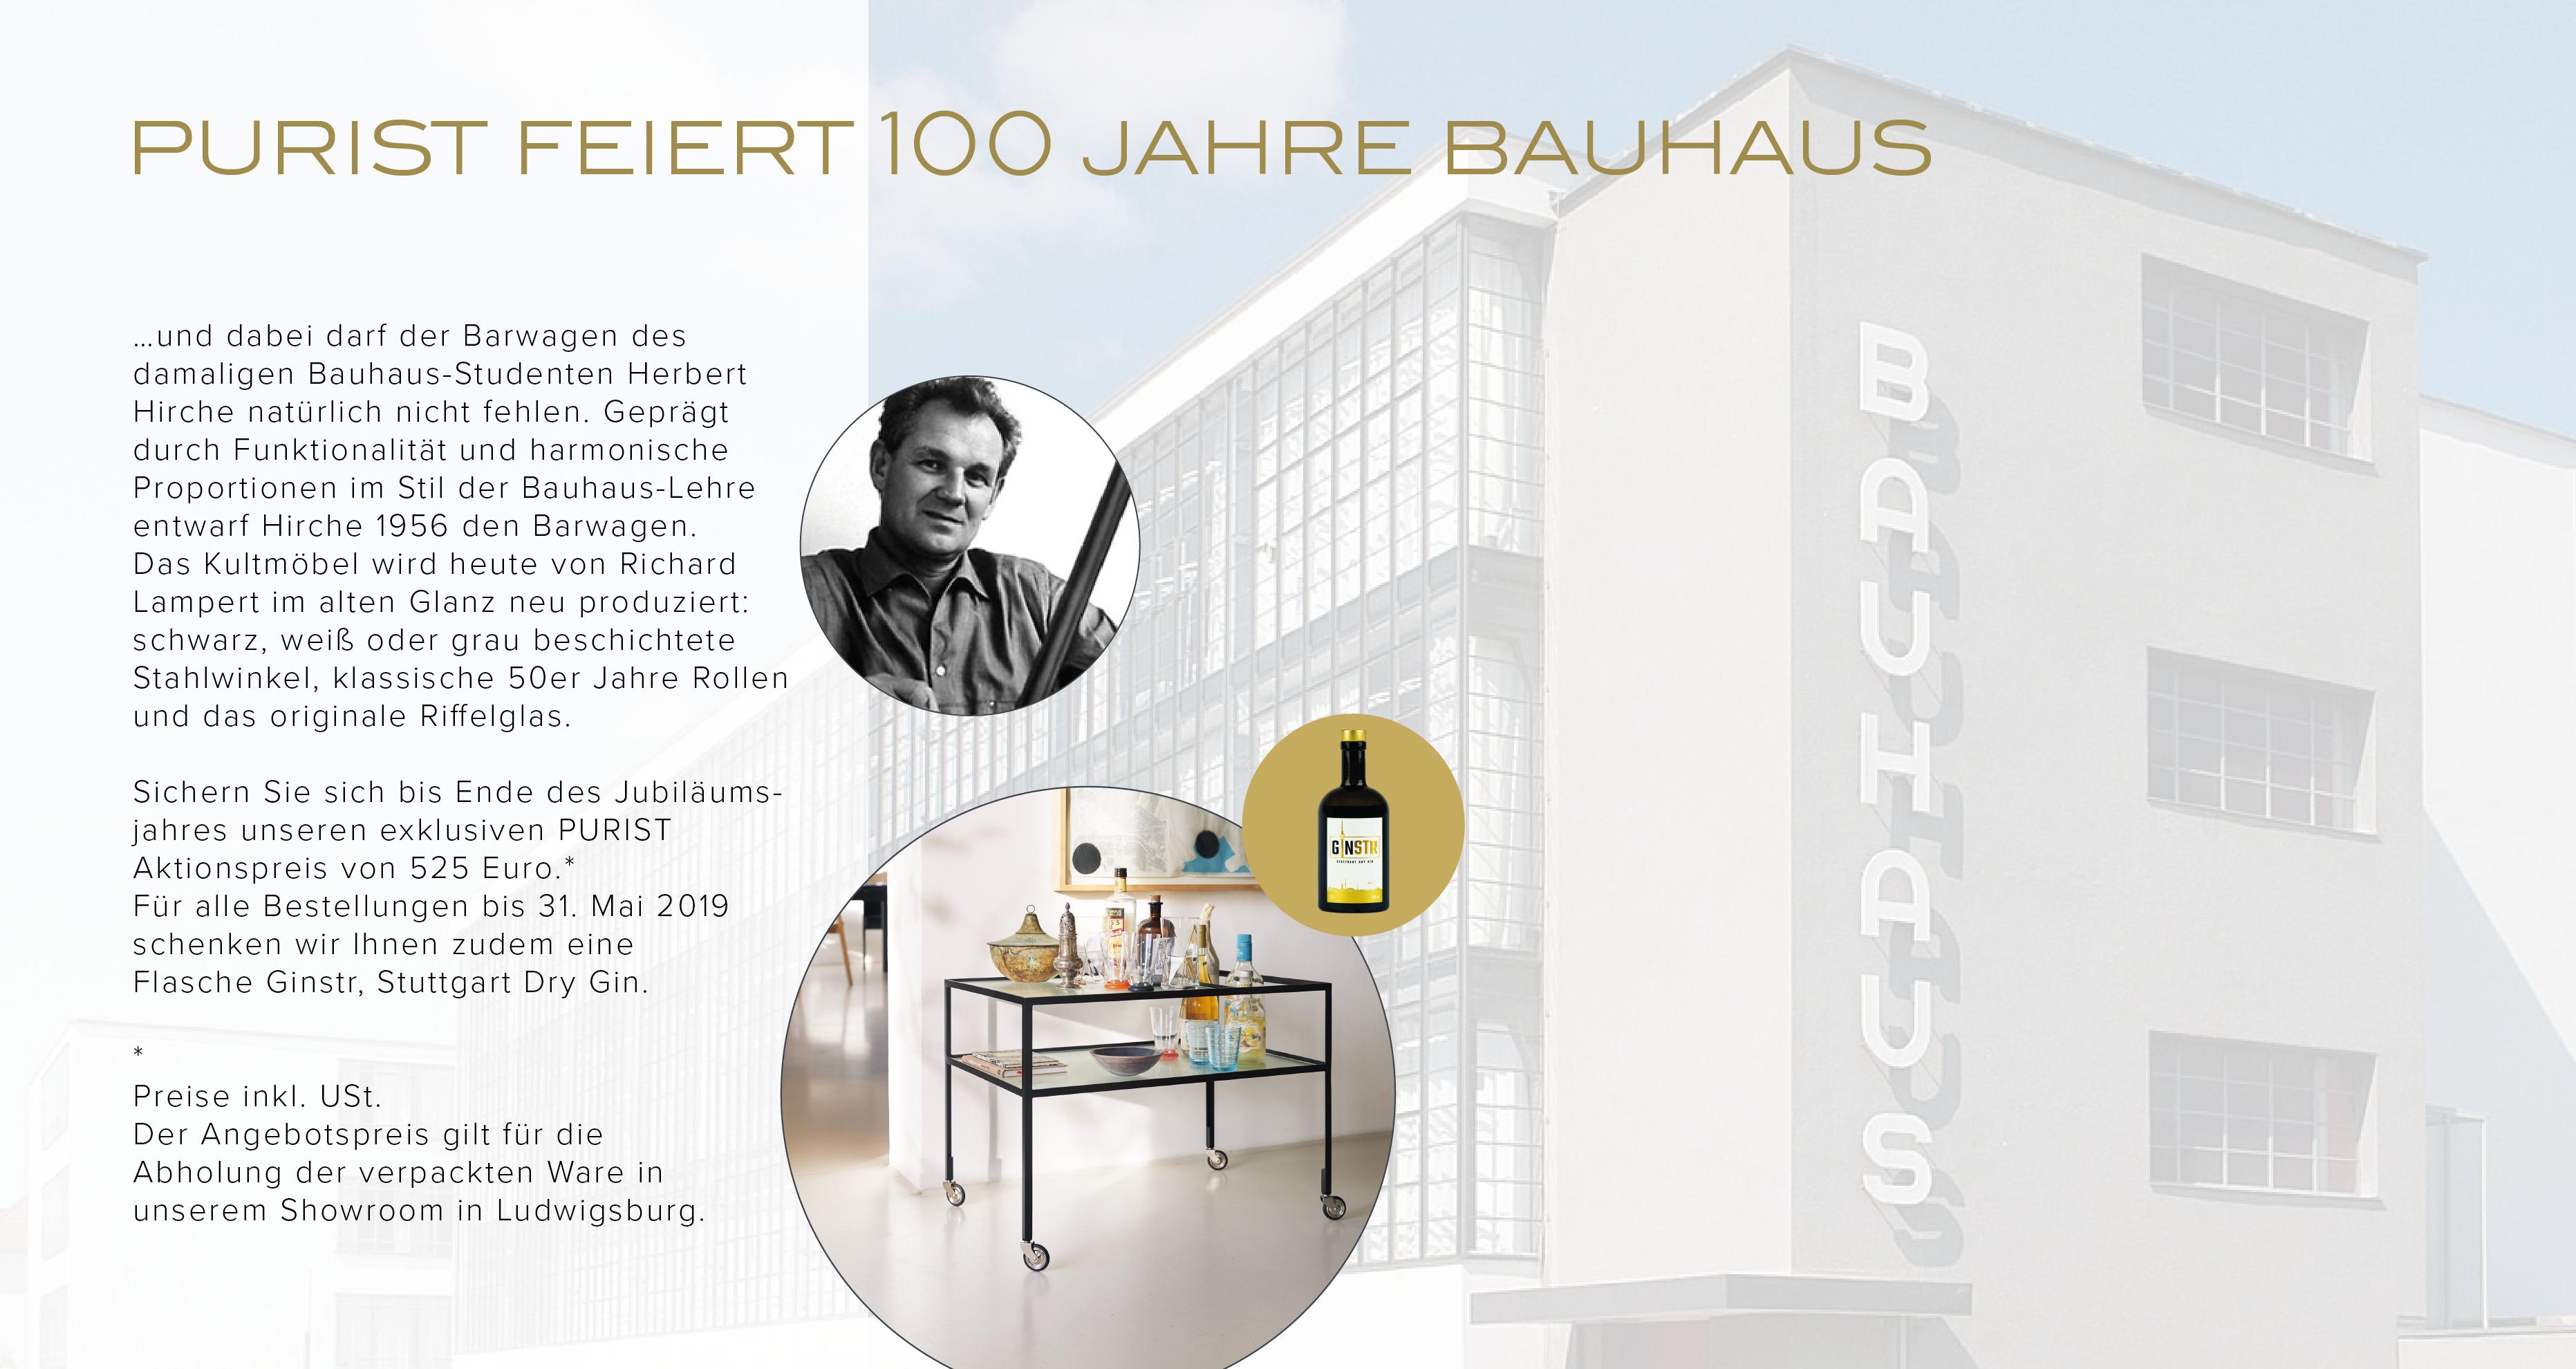 PURIST FEIERT 100 JAHRE BAUHAUS